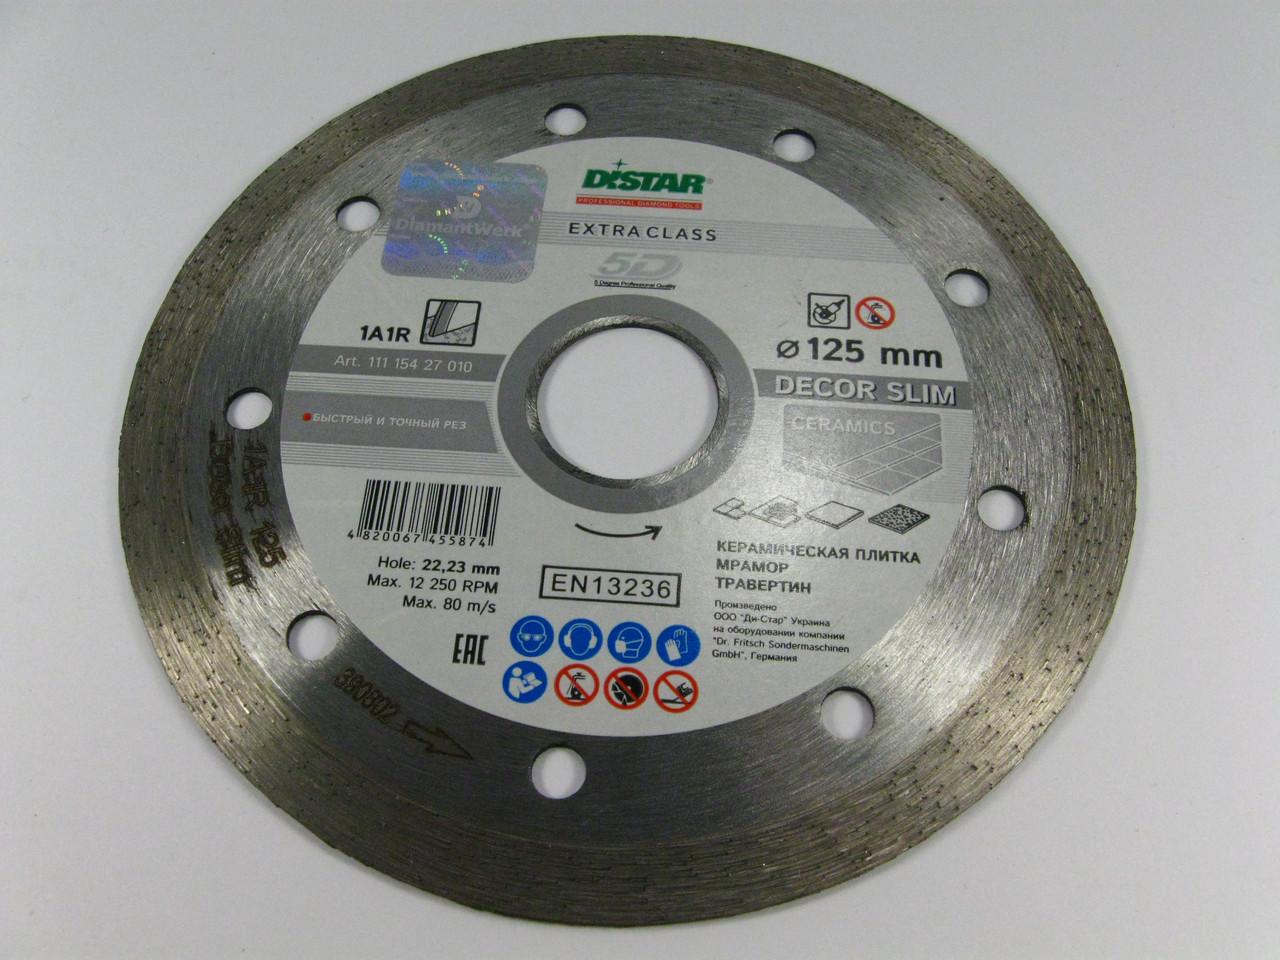 Алмазный диск по керамике 125х1,2 мм Distar 1A1R Decor slim